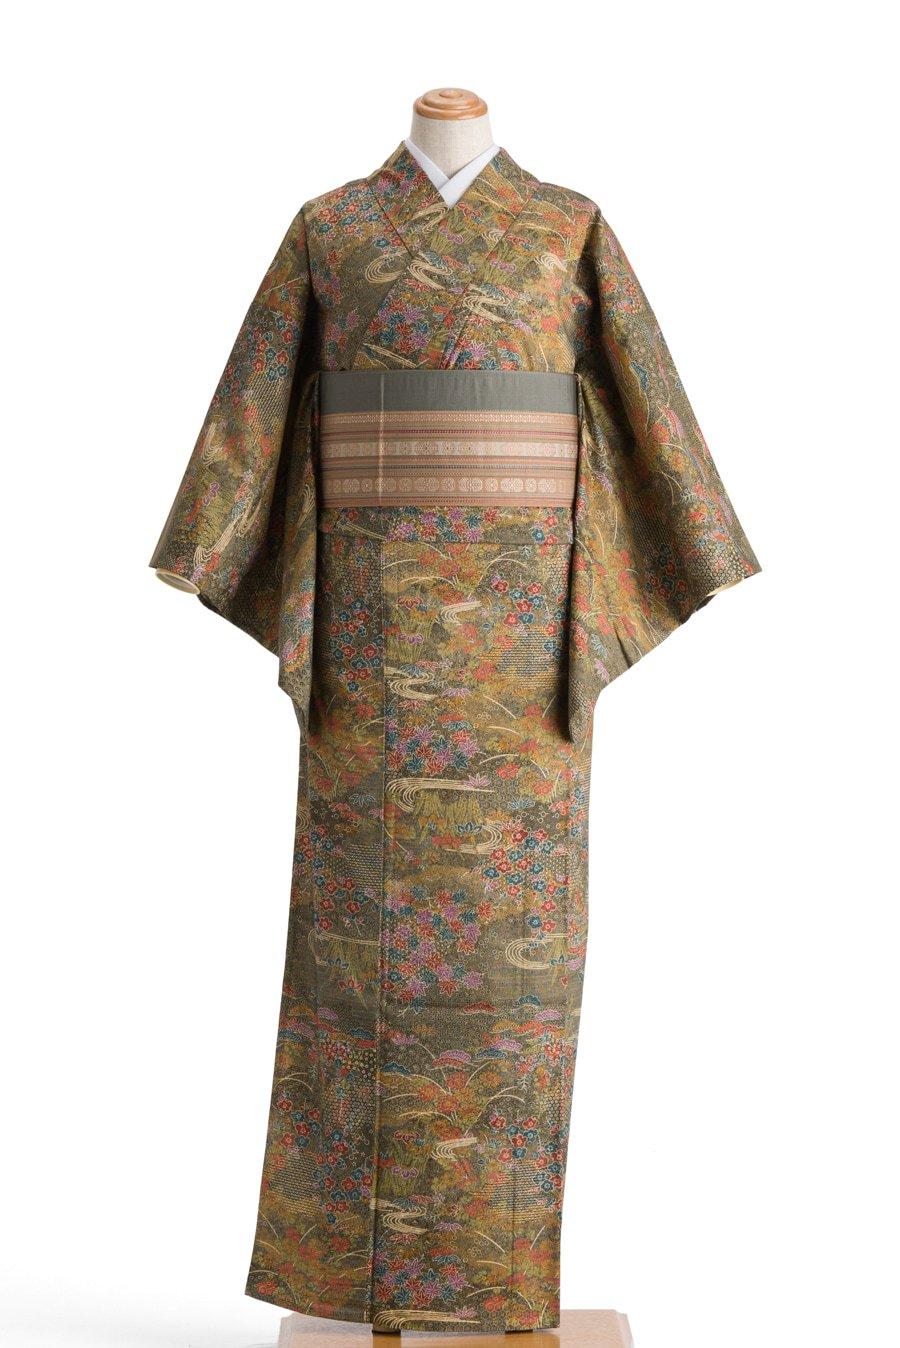 「単衣 染紬 四季の花」の商品画像